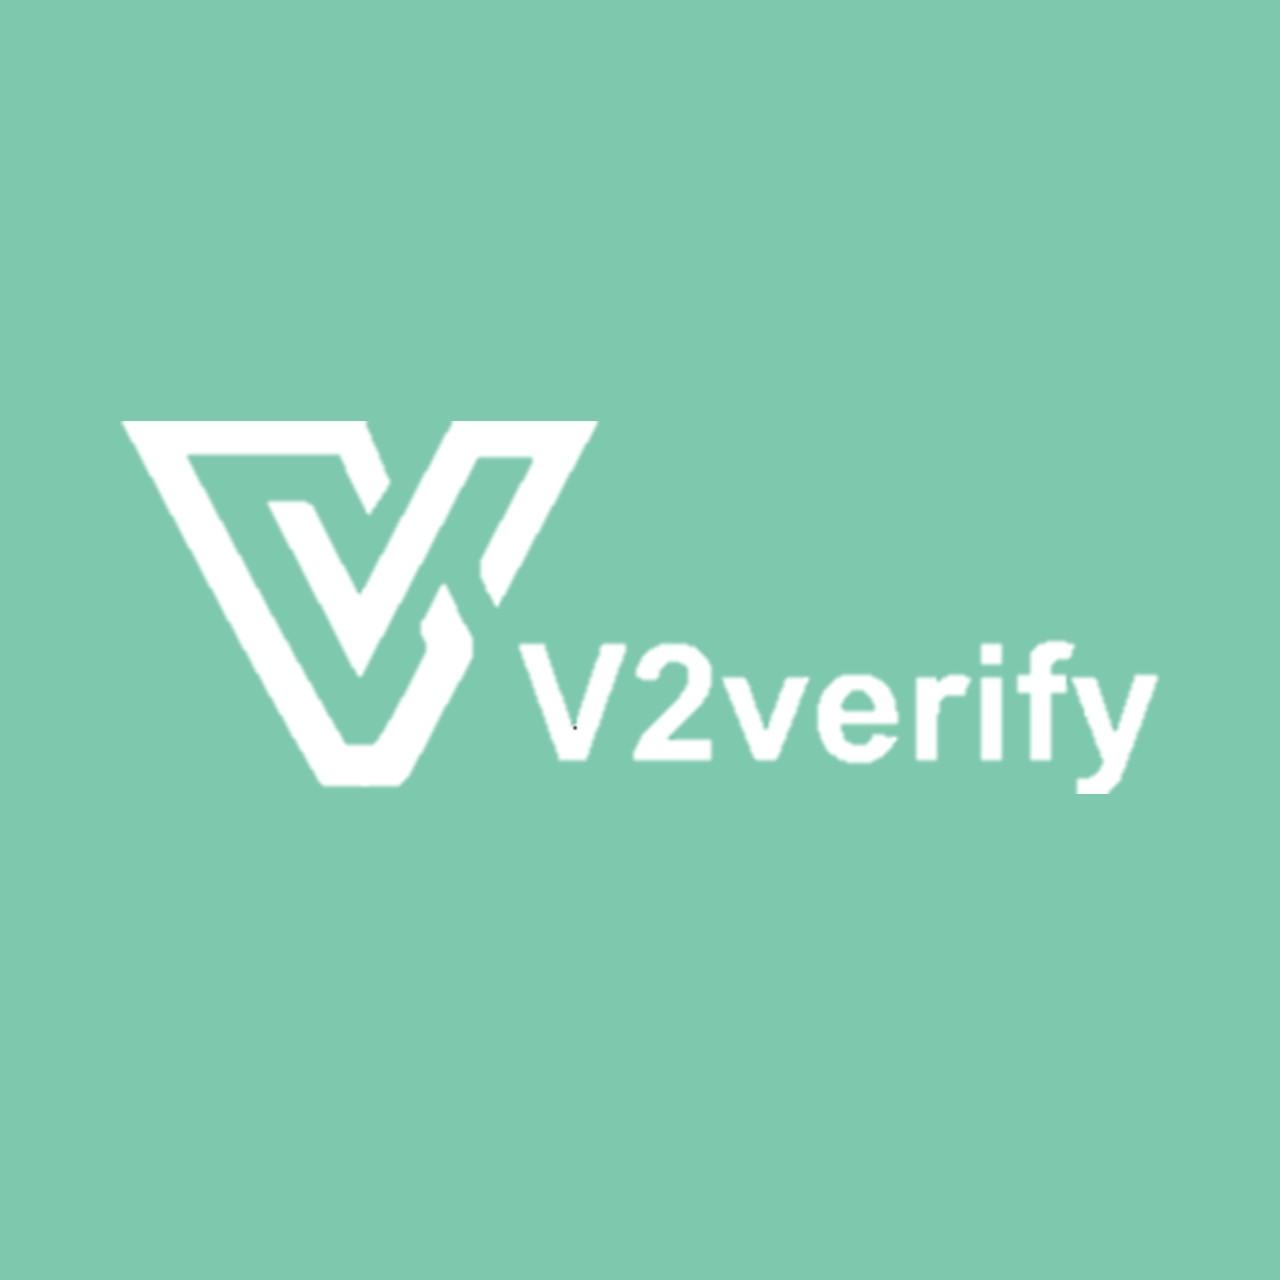 v2verify .jpg